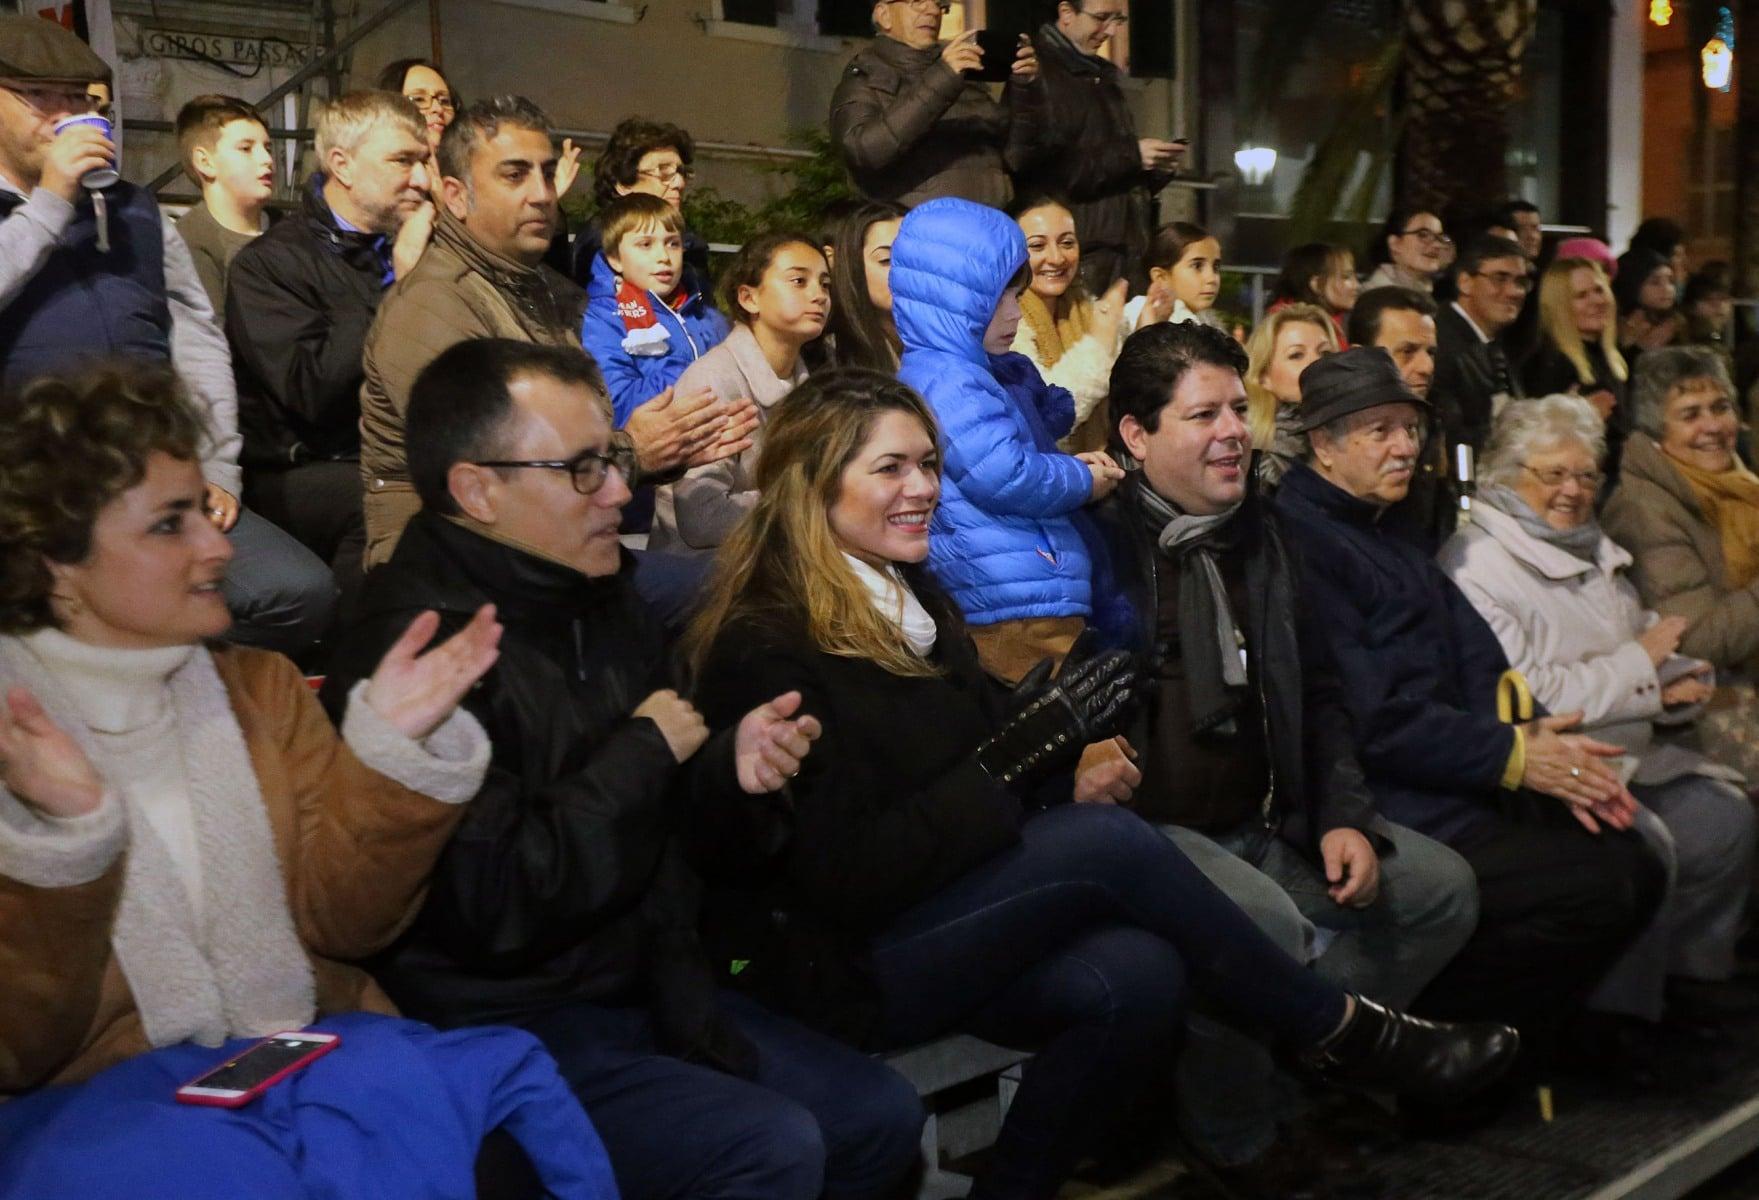 05-ene-2016-cabalgata-de-los-reyes-magos-en-gibraltar_24180732436_o